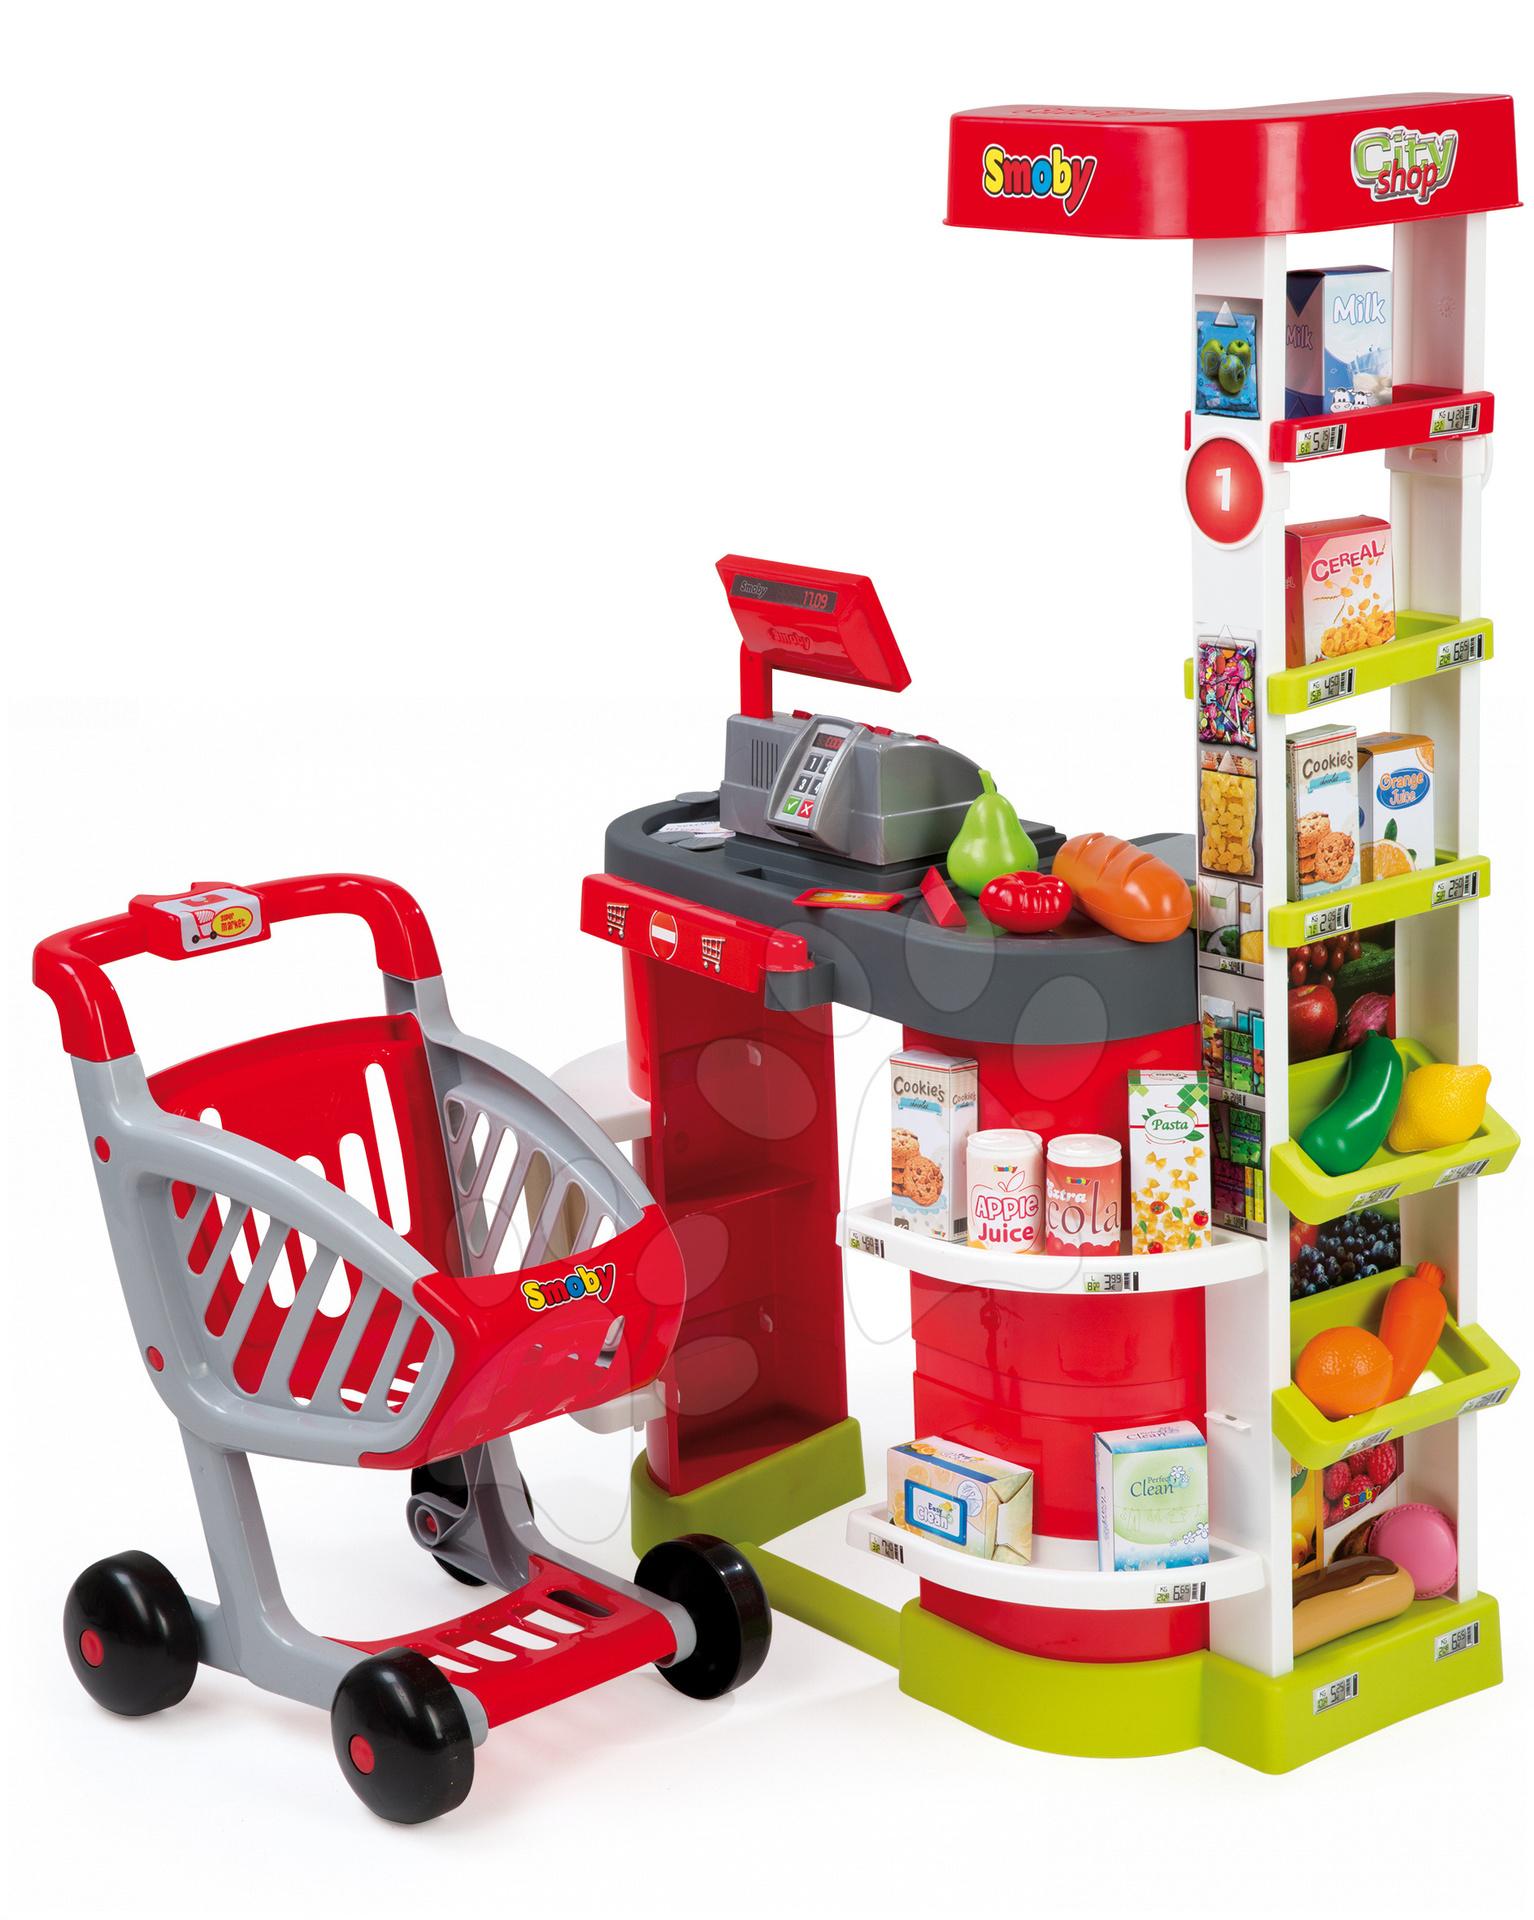 Obchody pre deti - Obchod City Shop Smoby s elektronickou pokladňou a vozíkom so 44 doplnkami